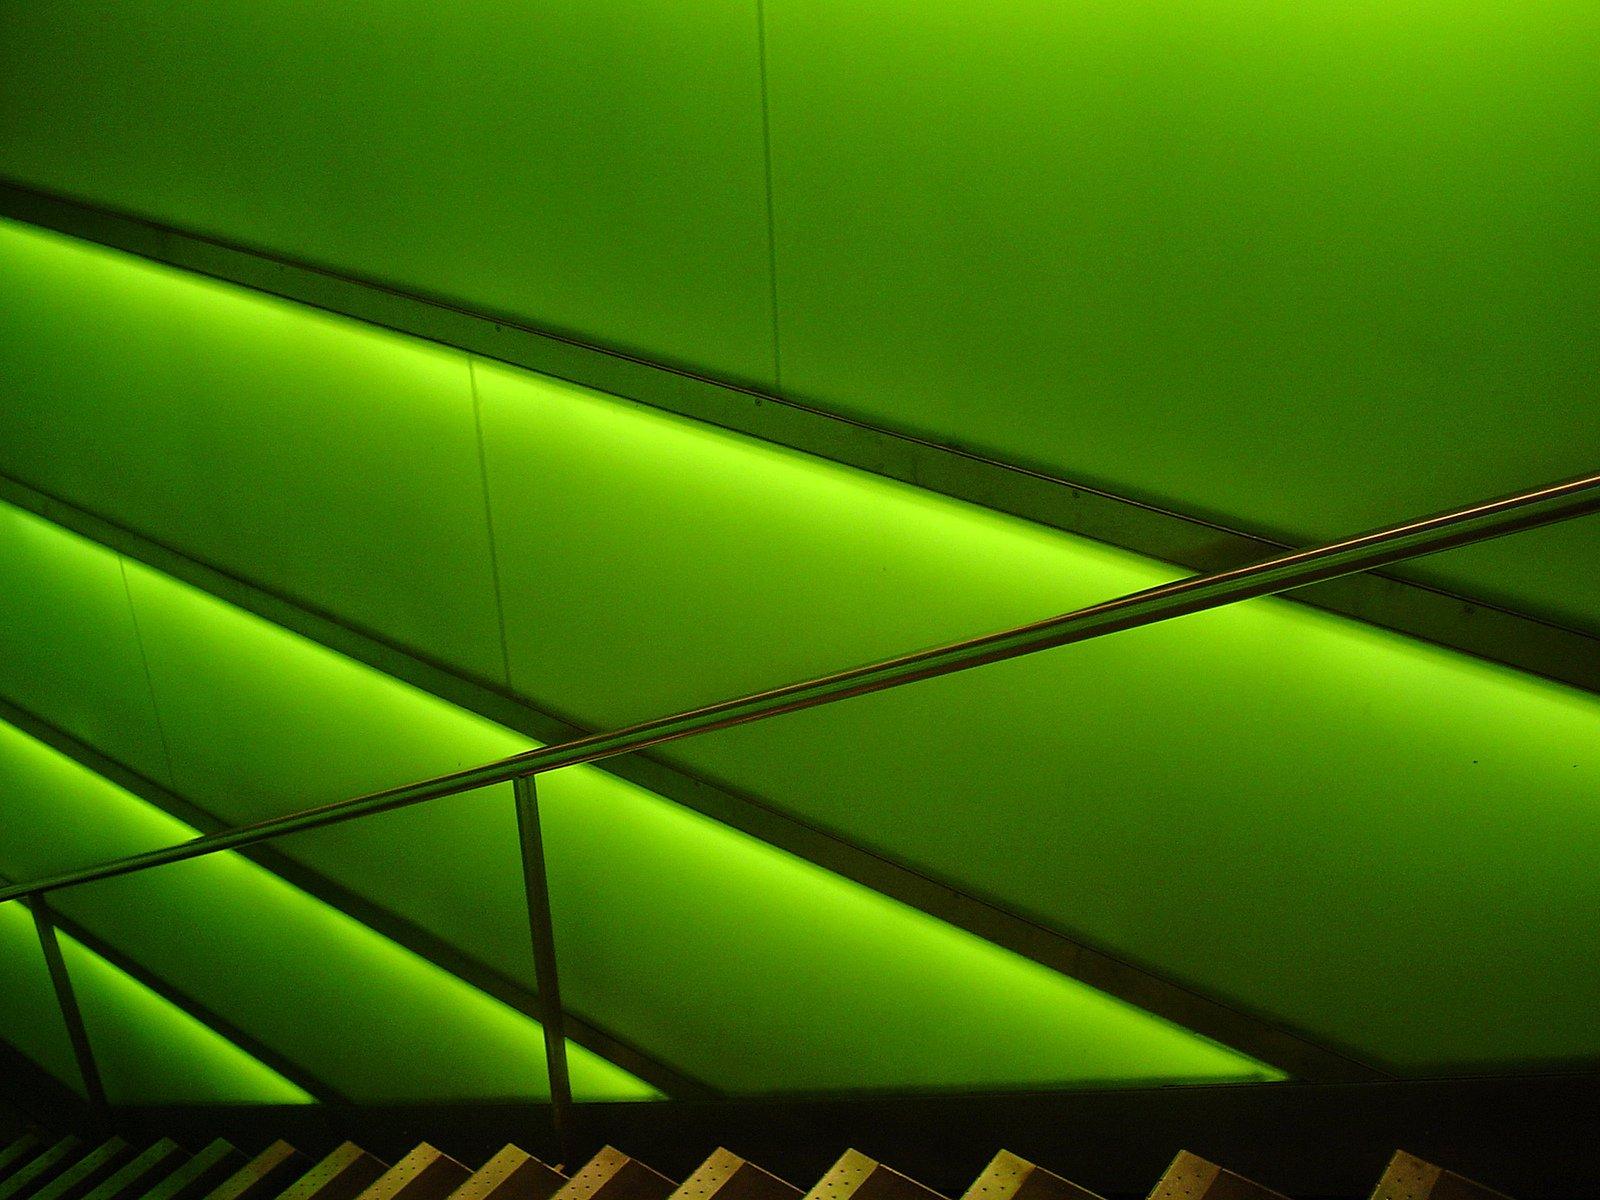 schody, zelená